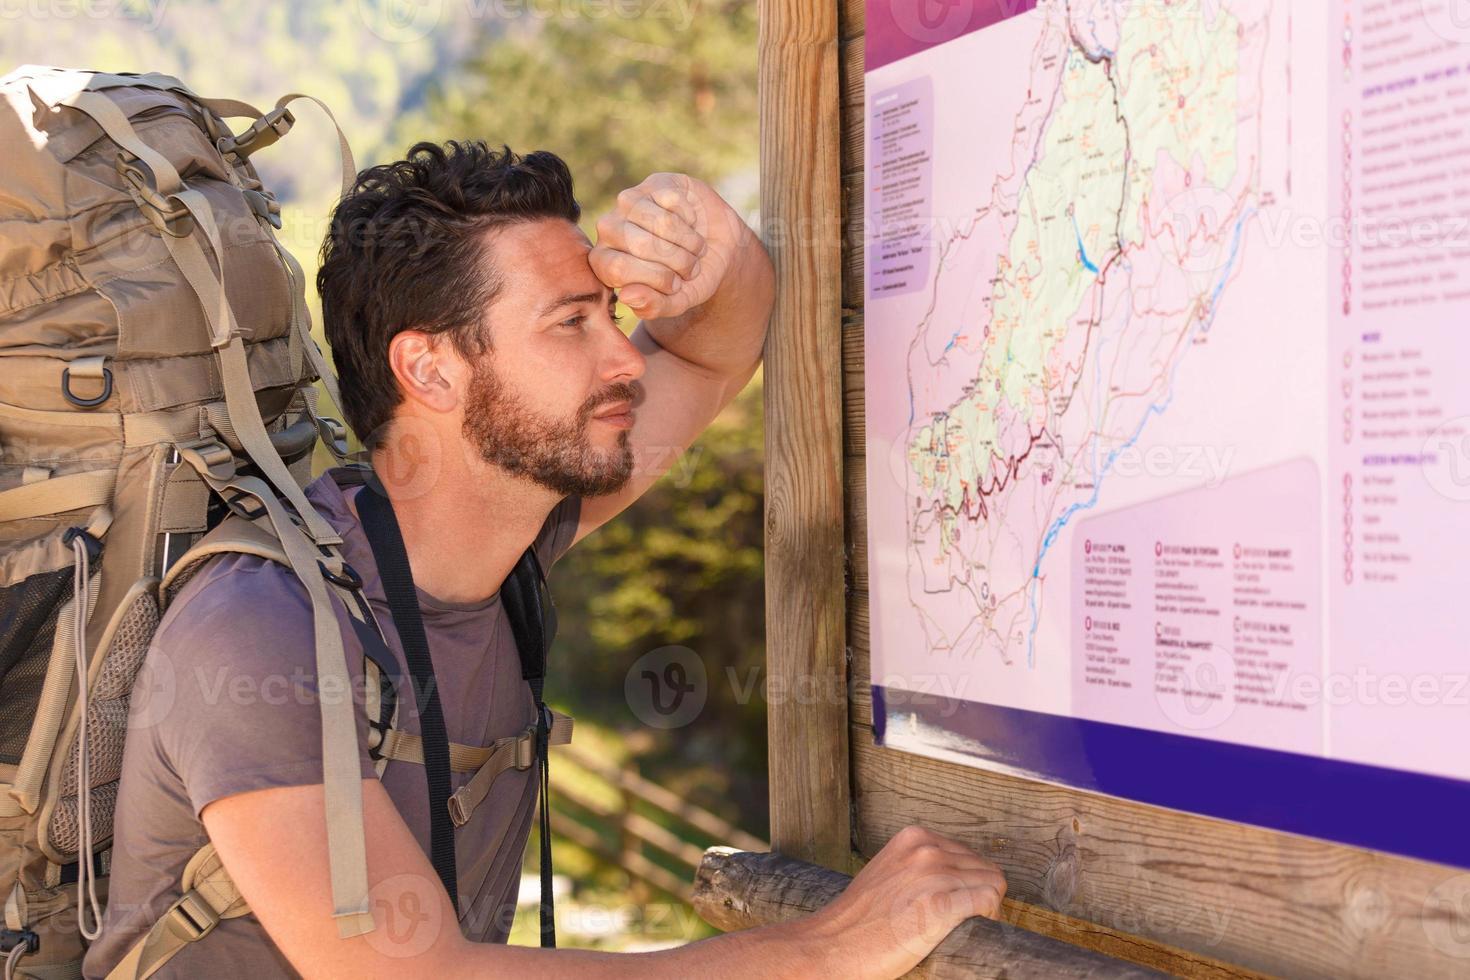 escursionista studiando la mappa foto